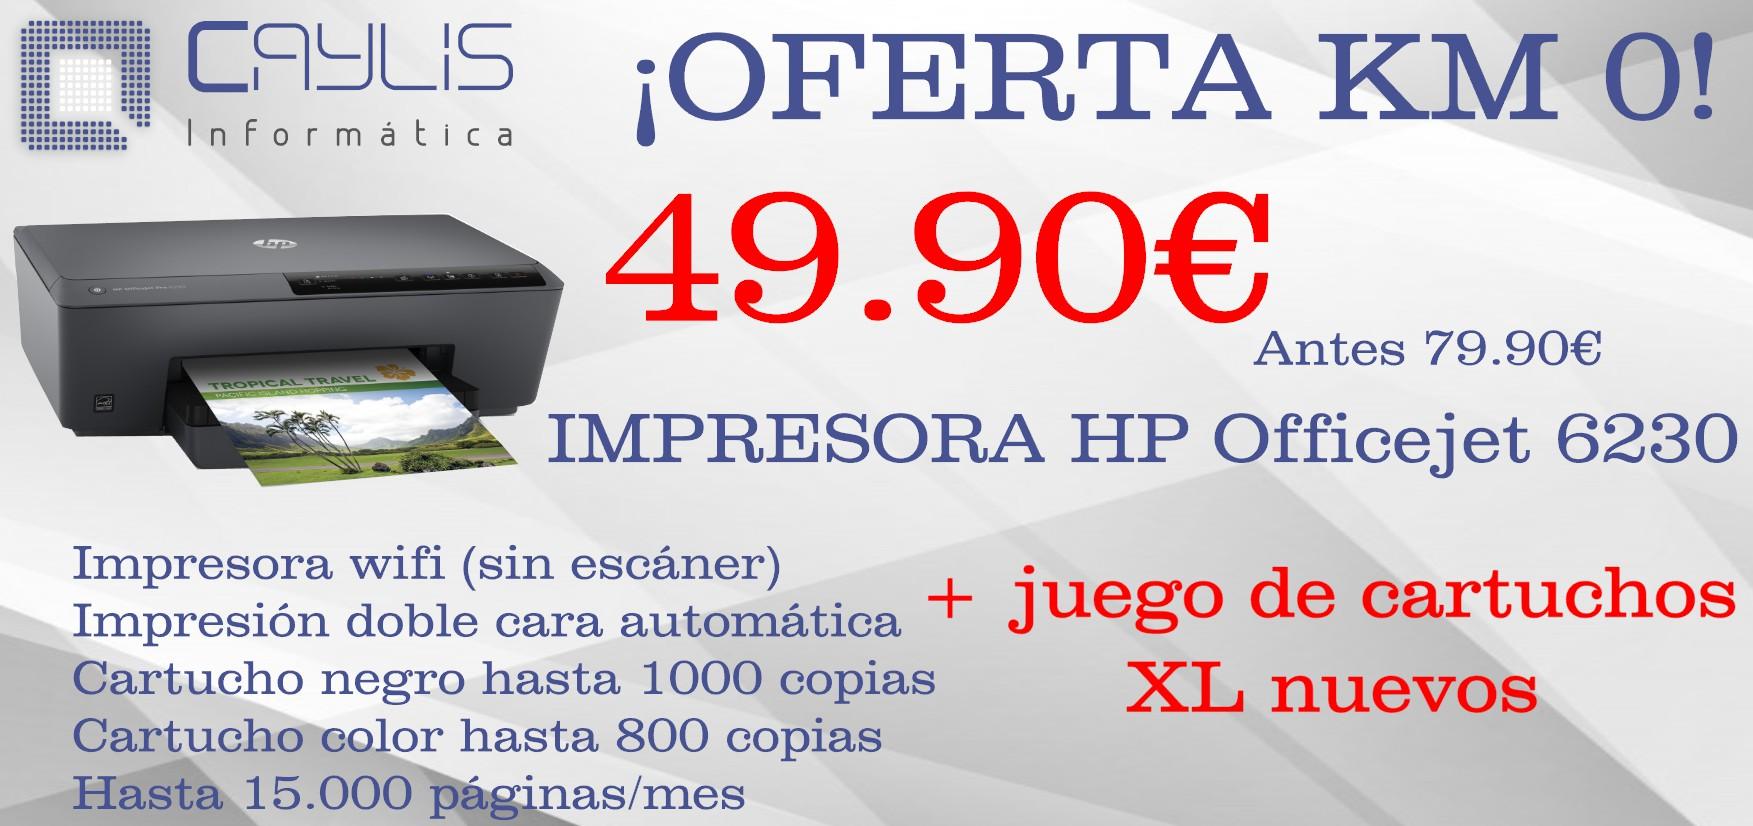 oferta_imp_hp6230_H1